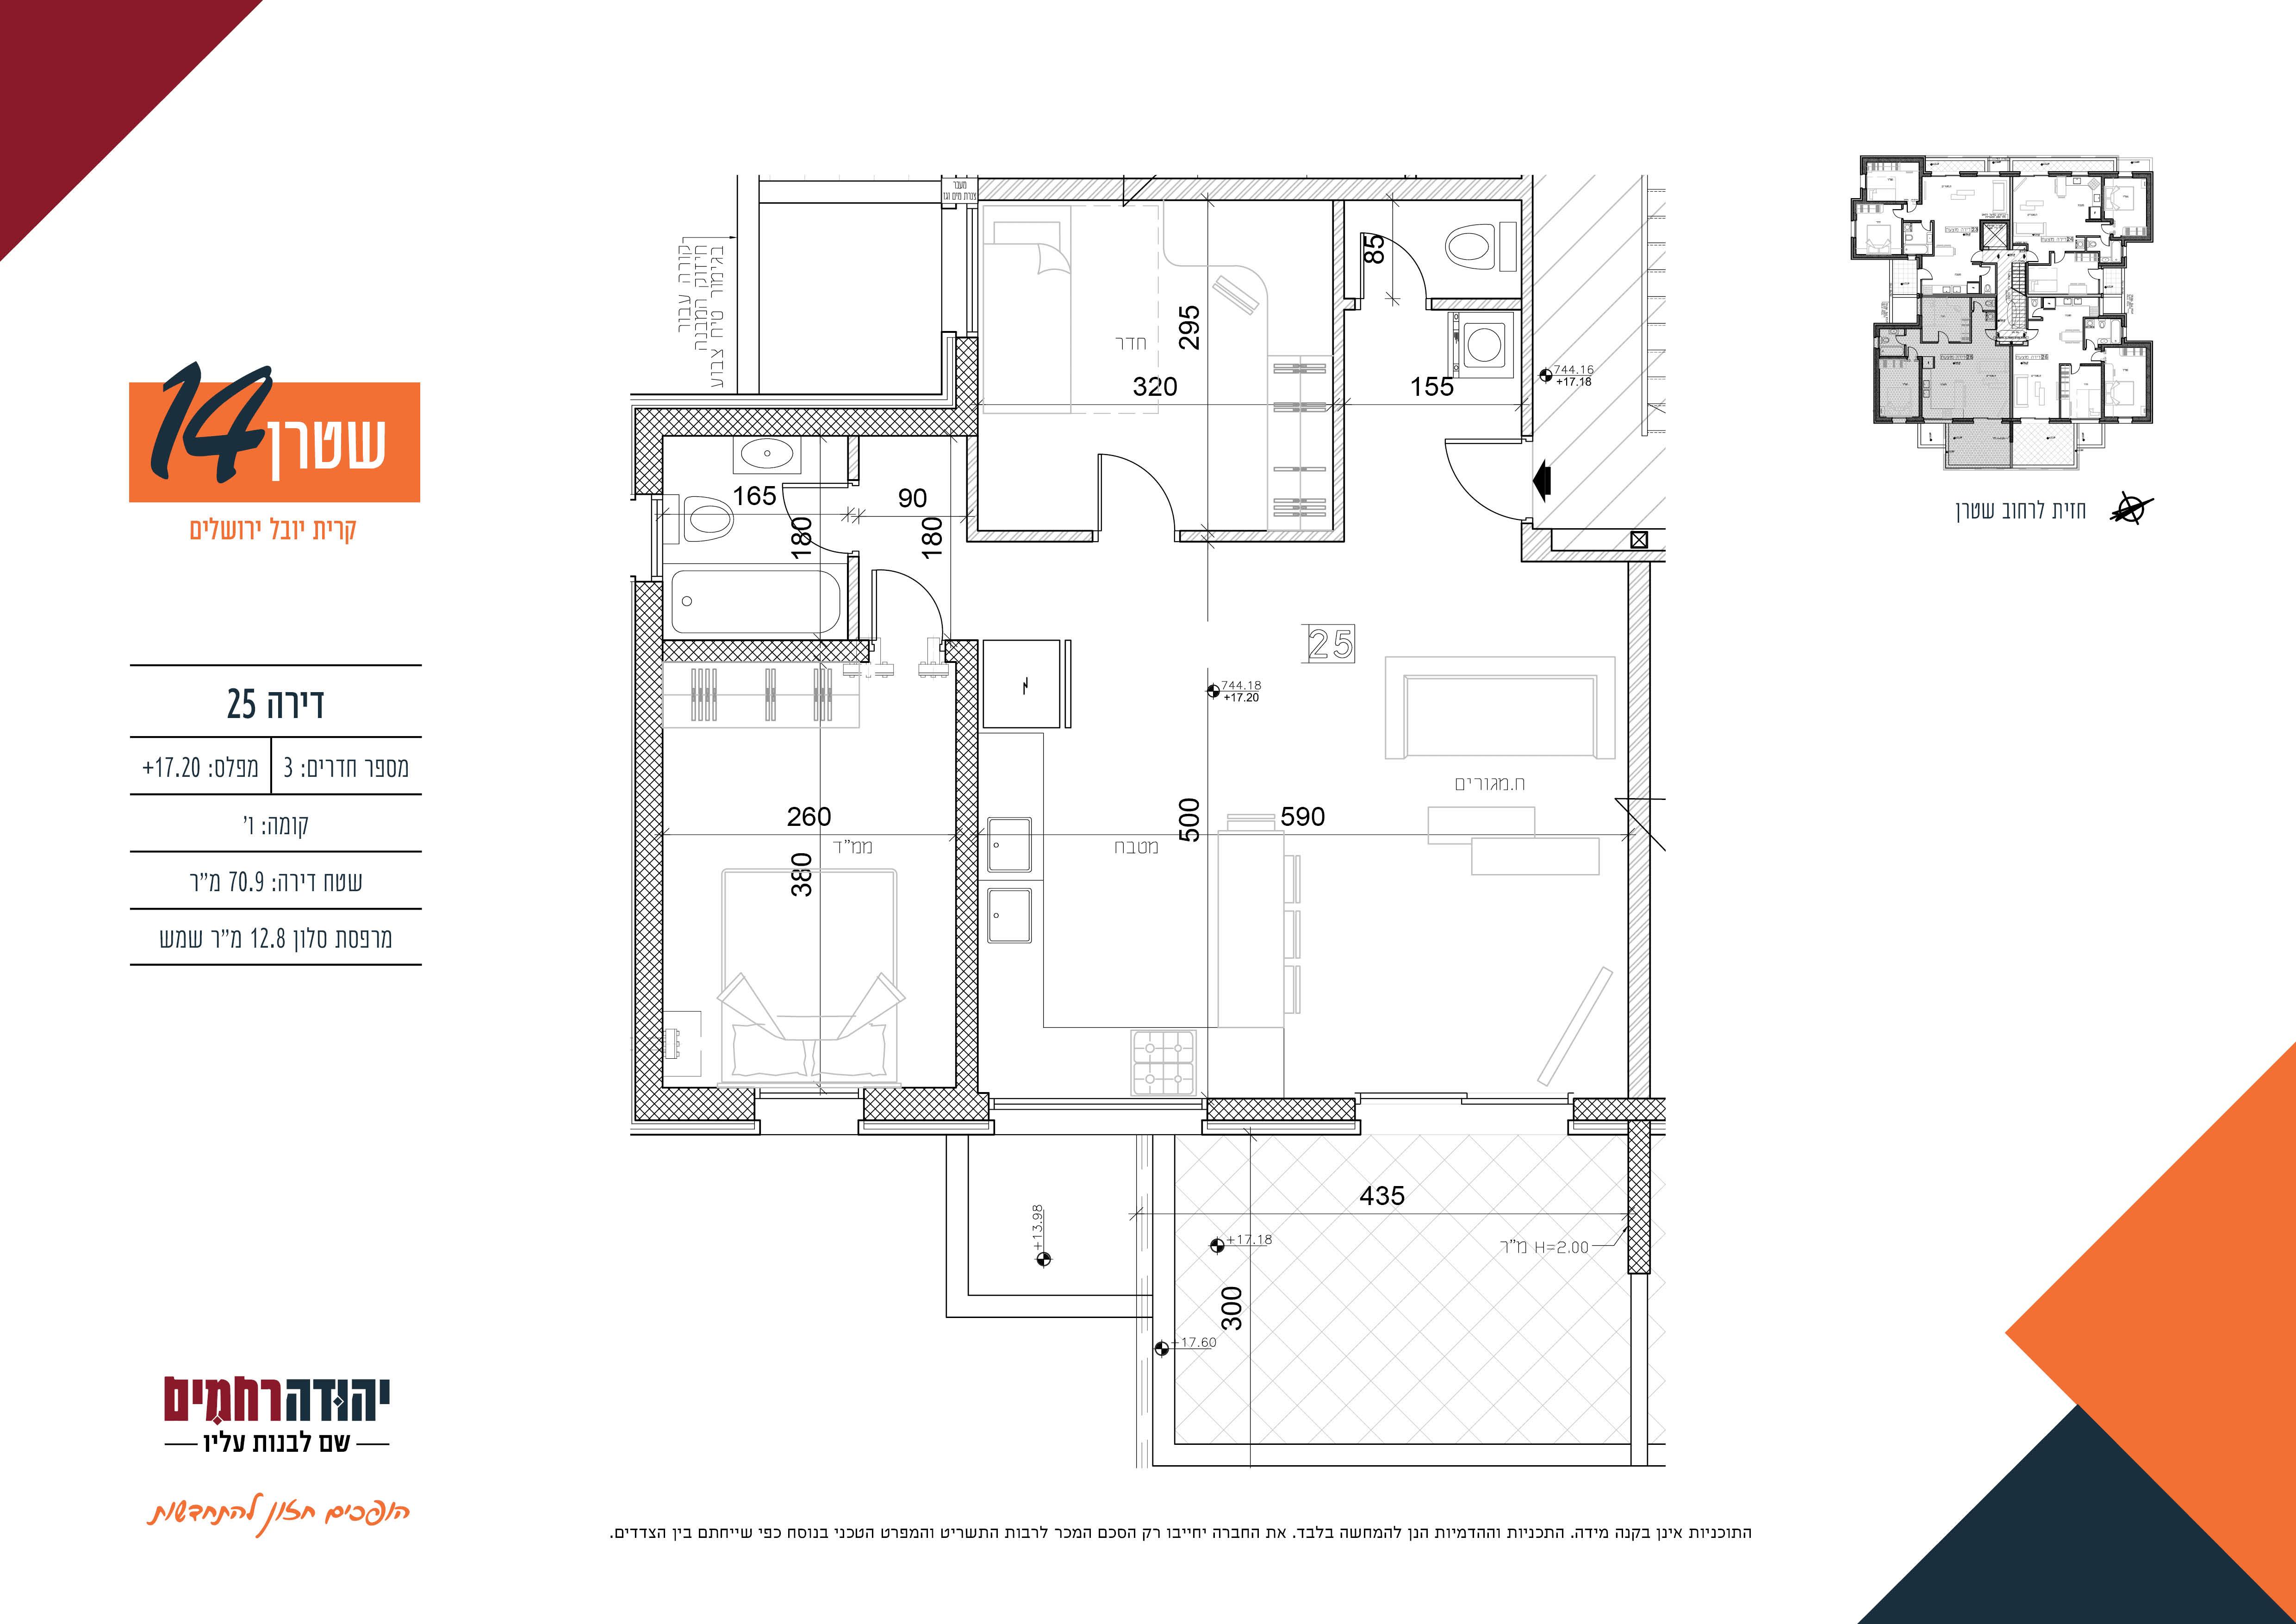 דירה-25 שטרן 14